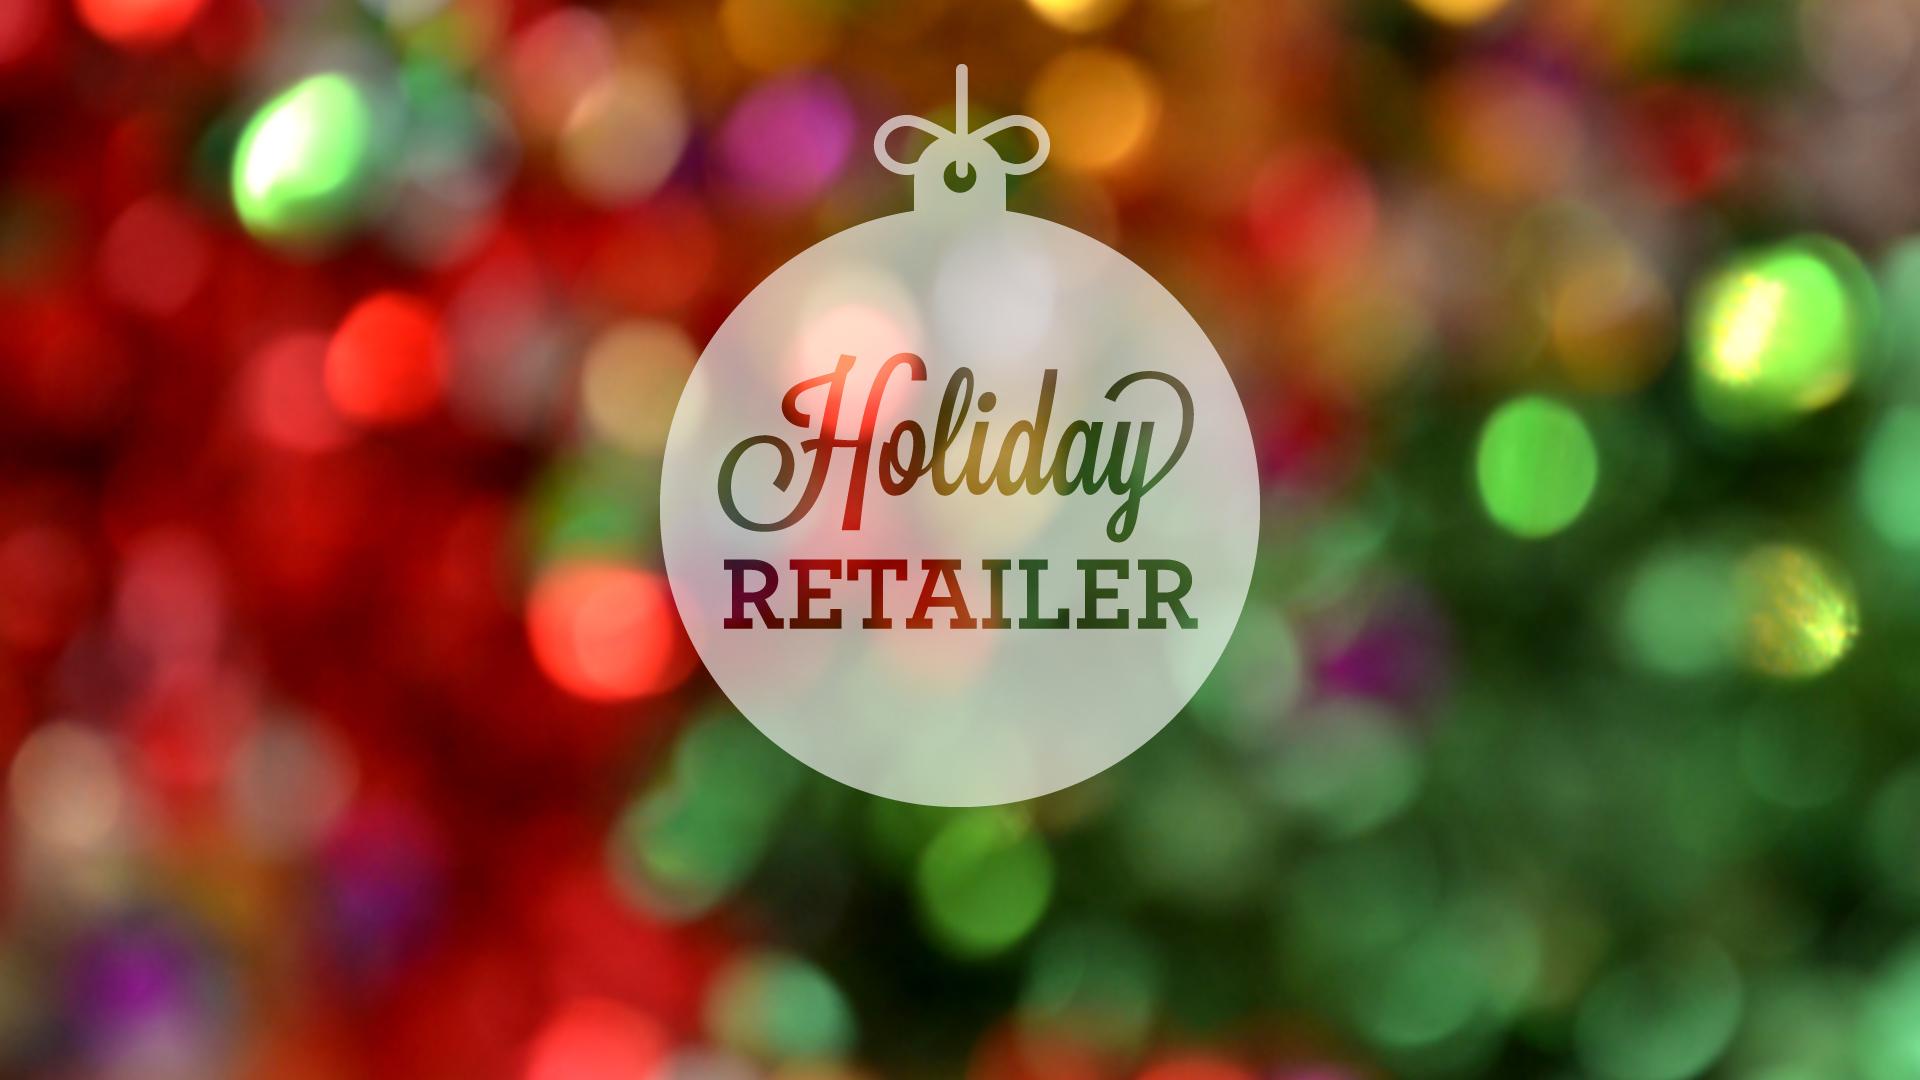 holiday-retailer2016a-fade-ss-1920